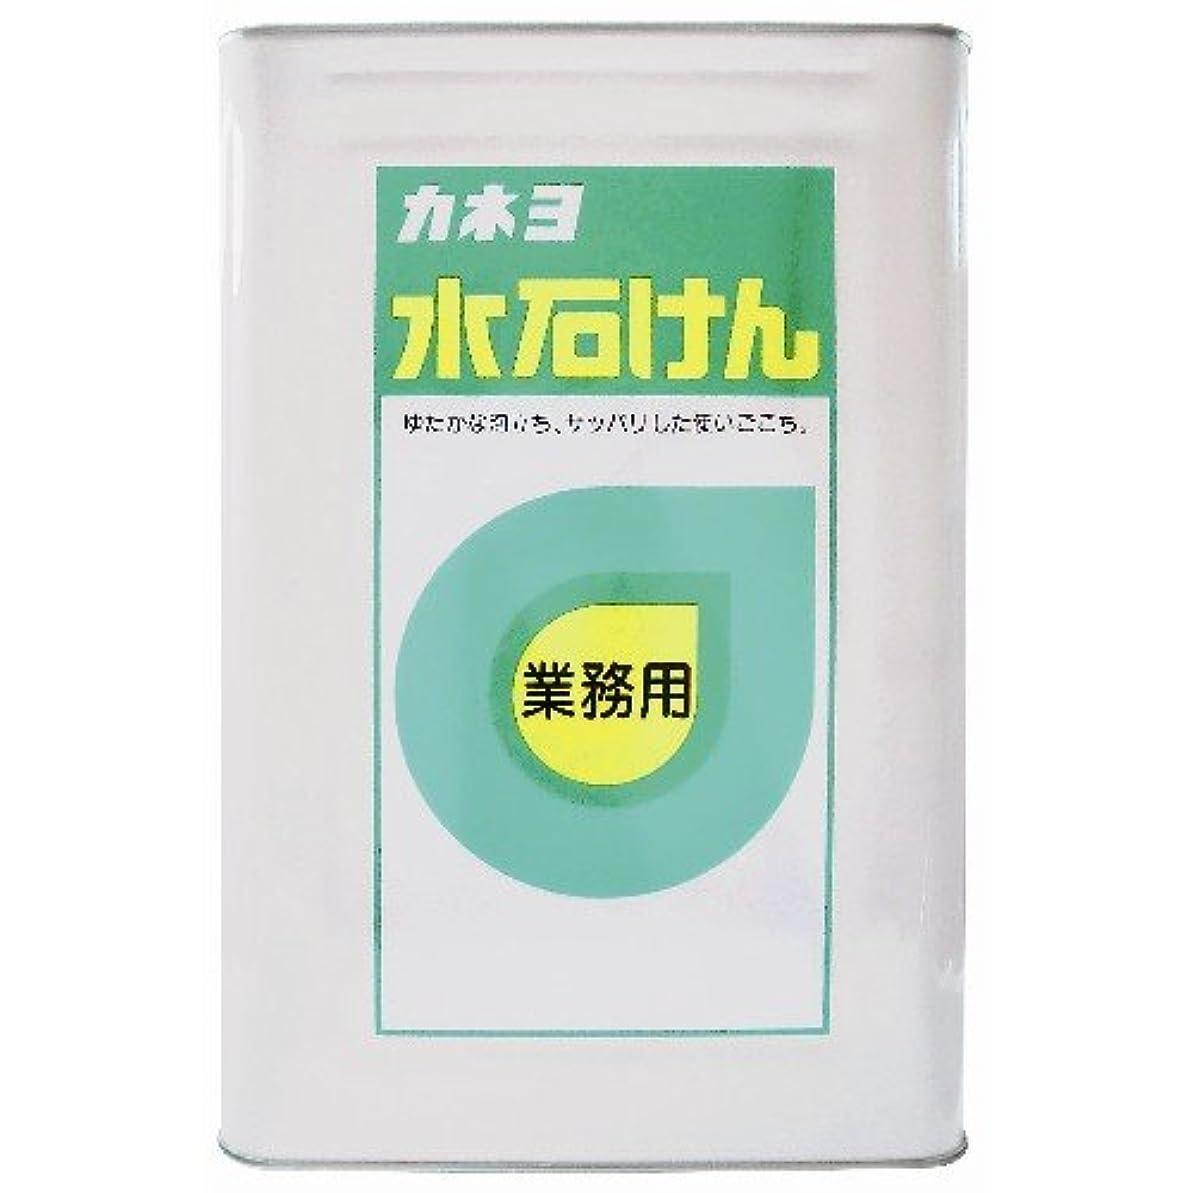 ダイアクリティカル解明する取得【大容量】 カネヨ石鹸 ハンドソープ 水石けん 液体 業務用 18L 一斗缶